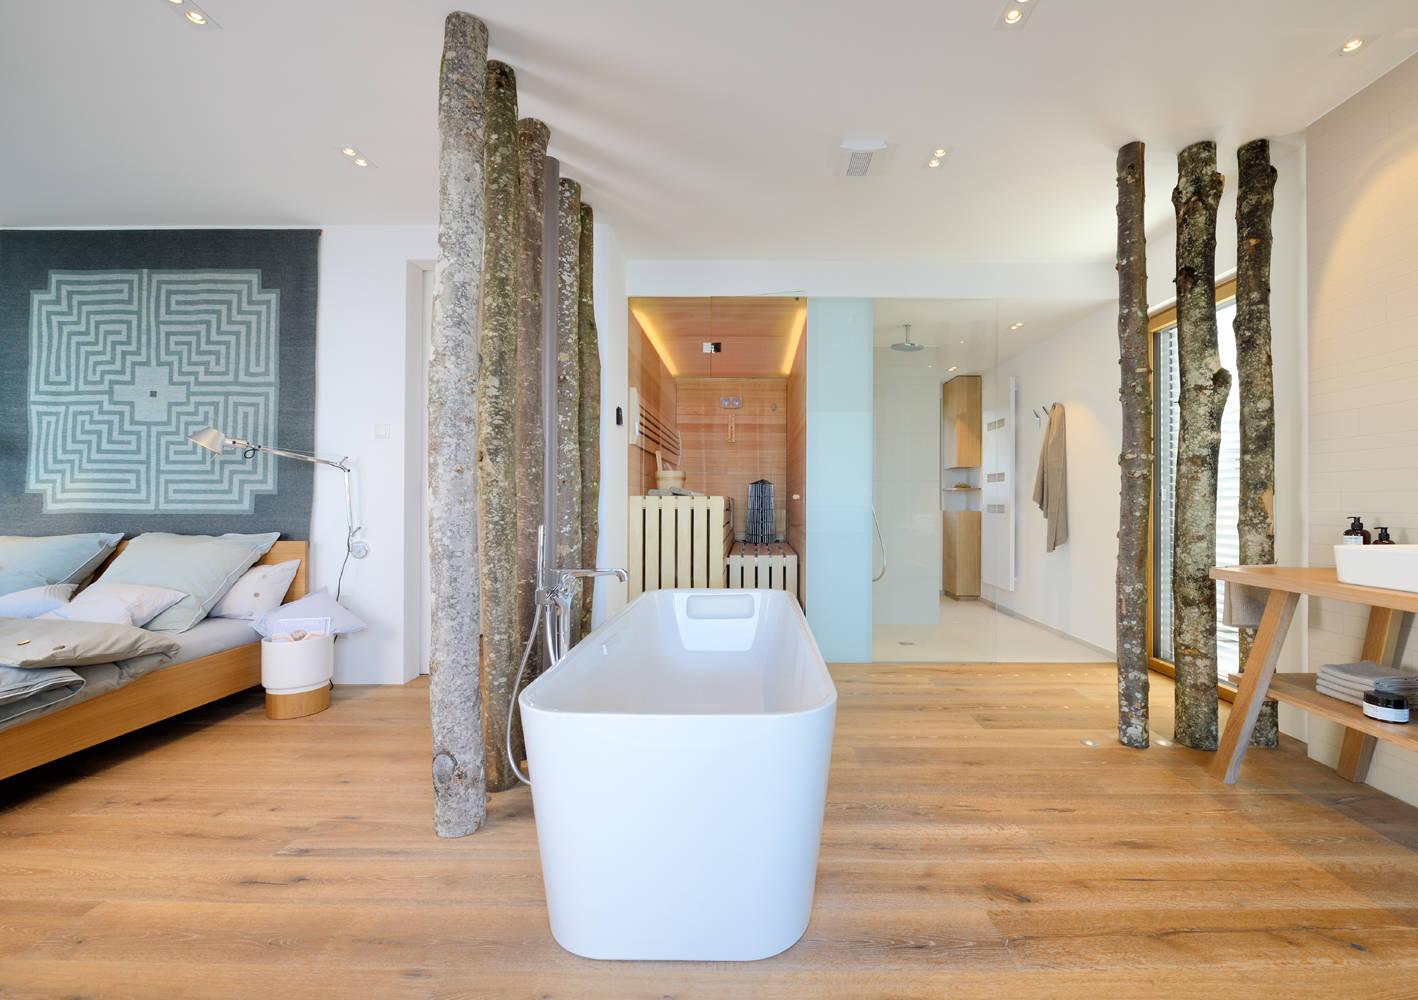 Sinnvoll separiert 20 Ideen für Trennwände im Bad